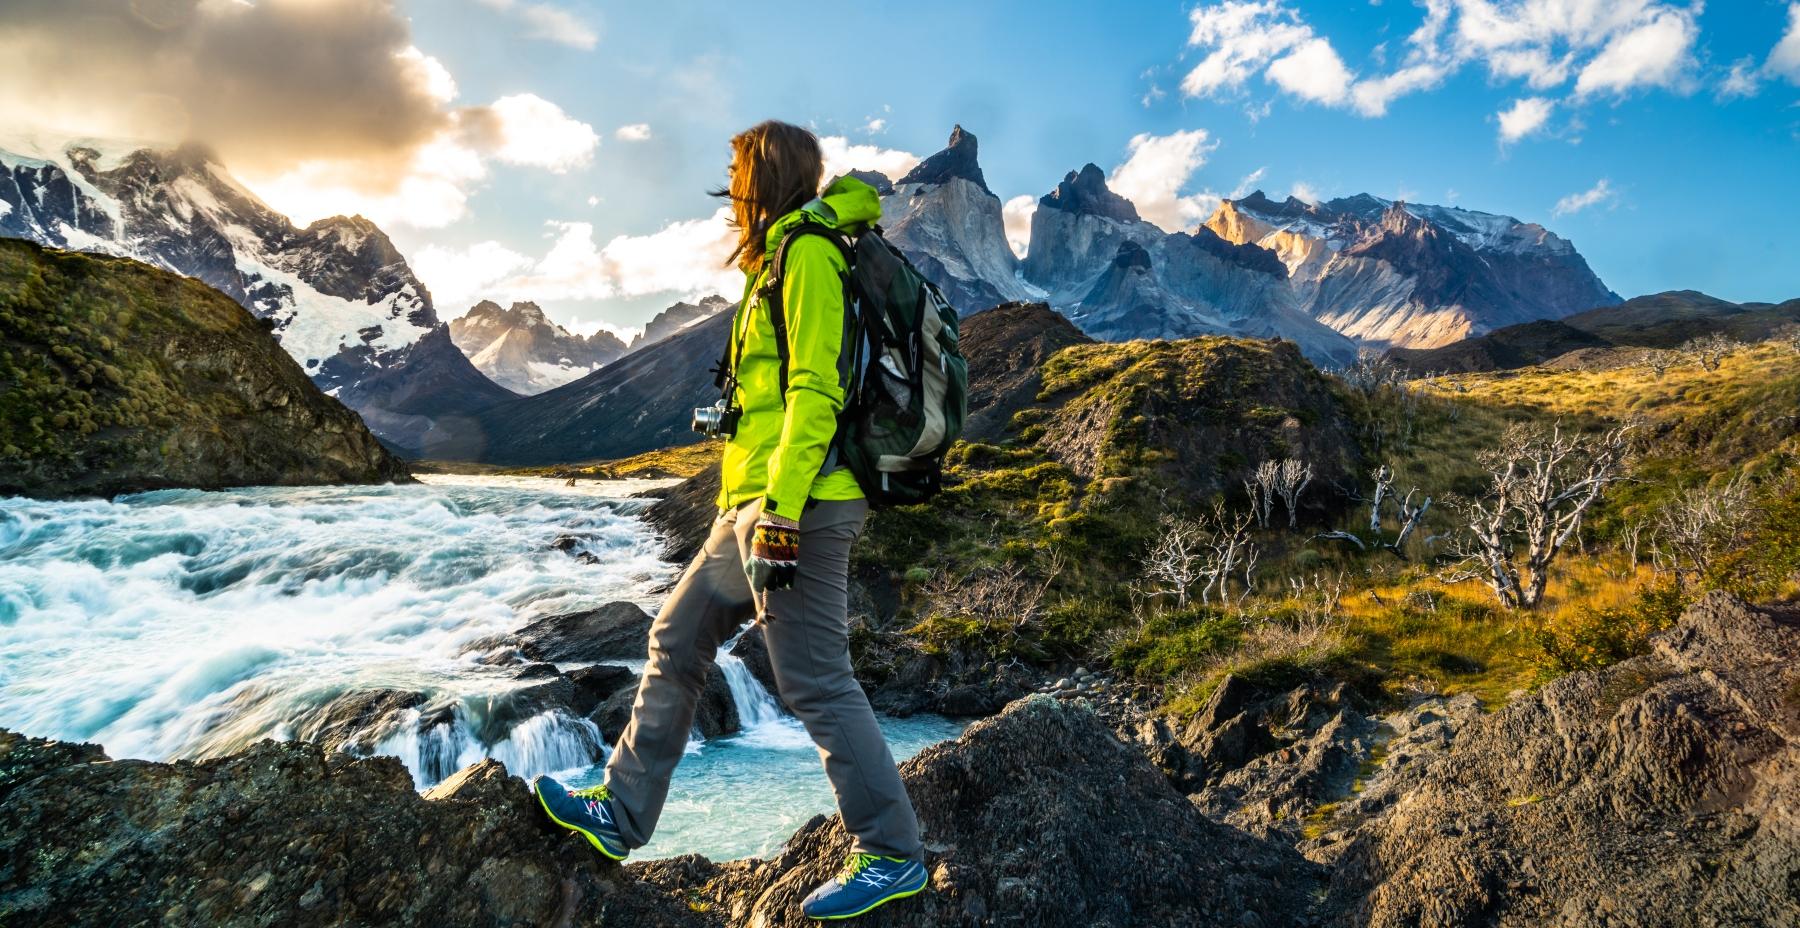 Imagen de una joven turista recorriendo los cuernos de Torres del Paine